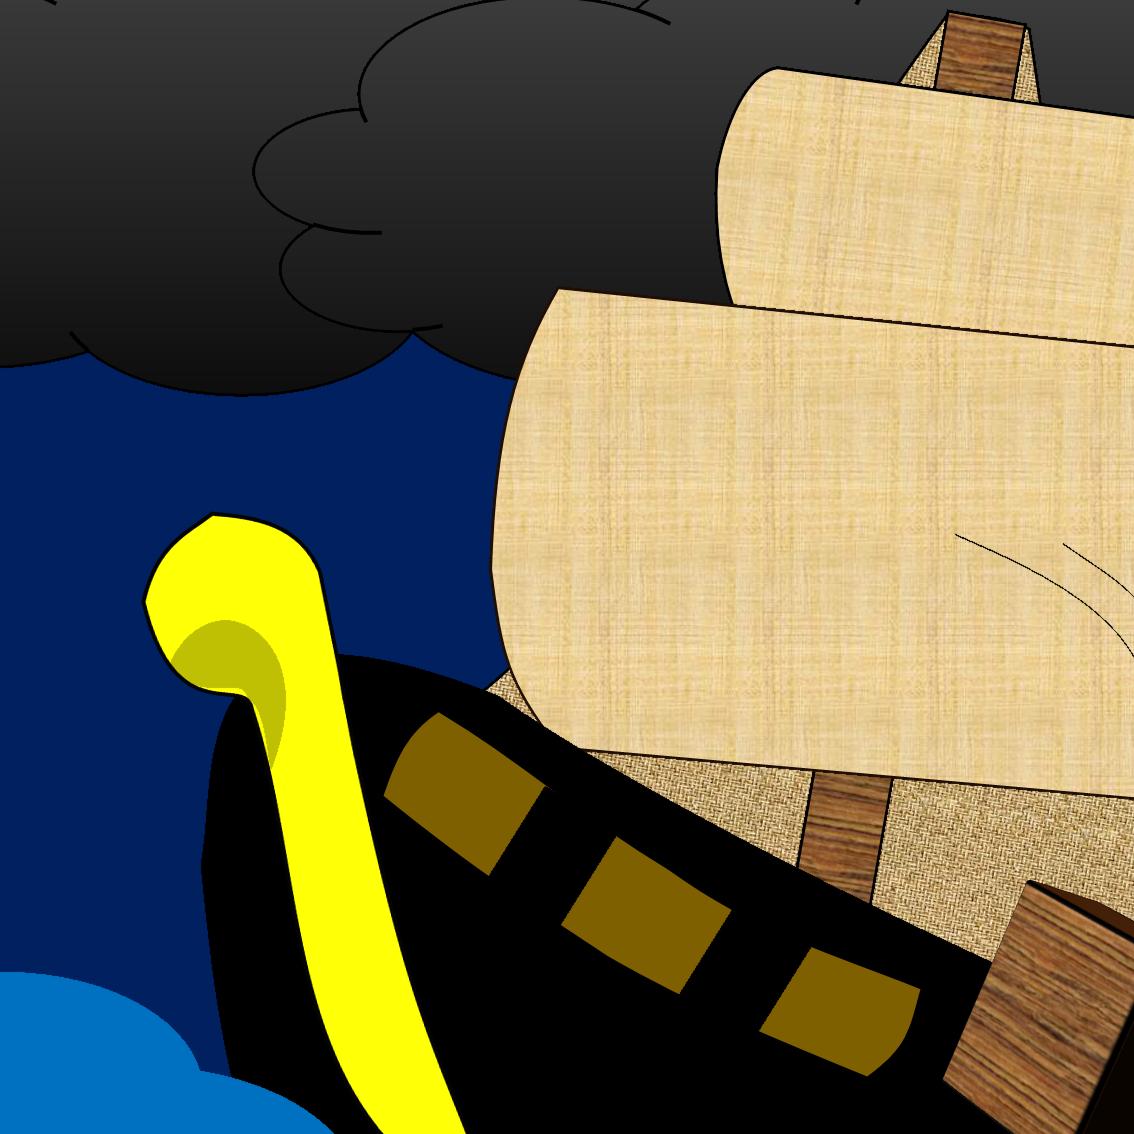 ペリーの来航と開港と日米和親条約